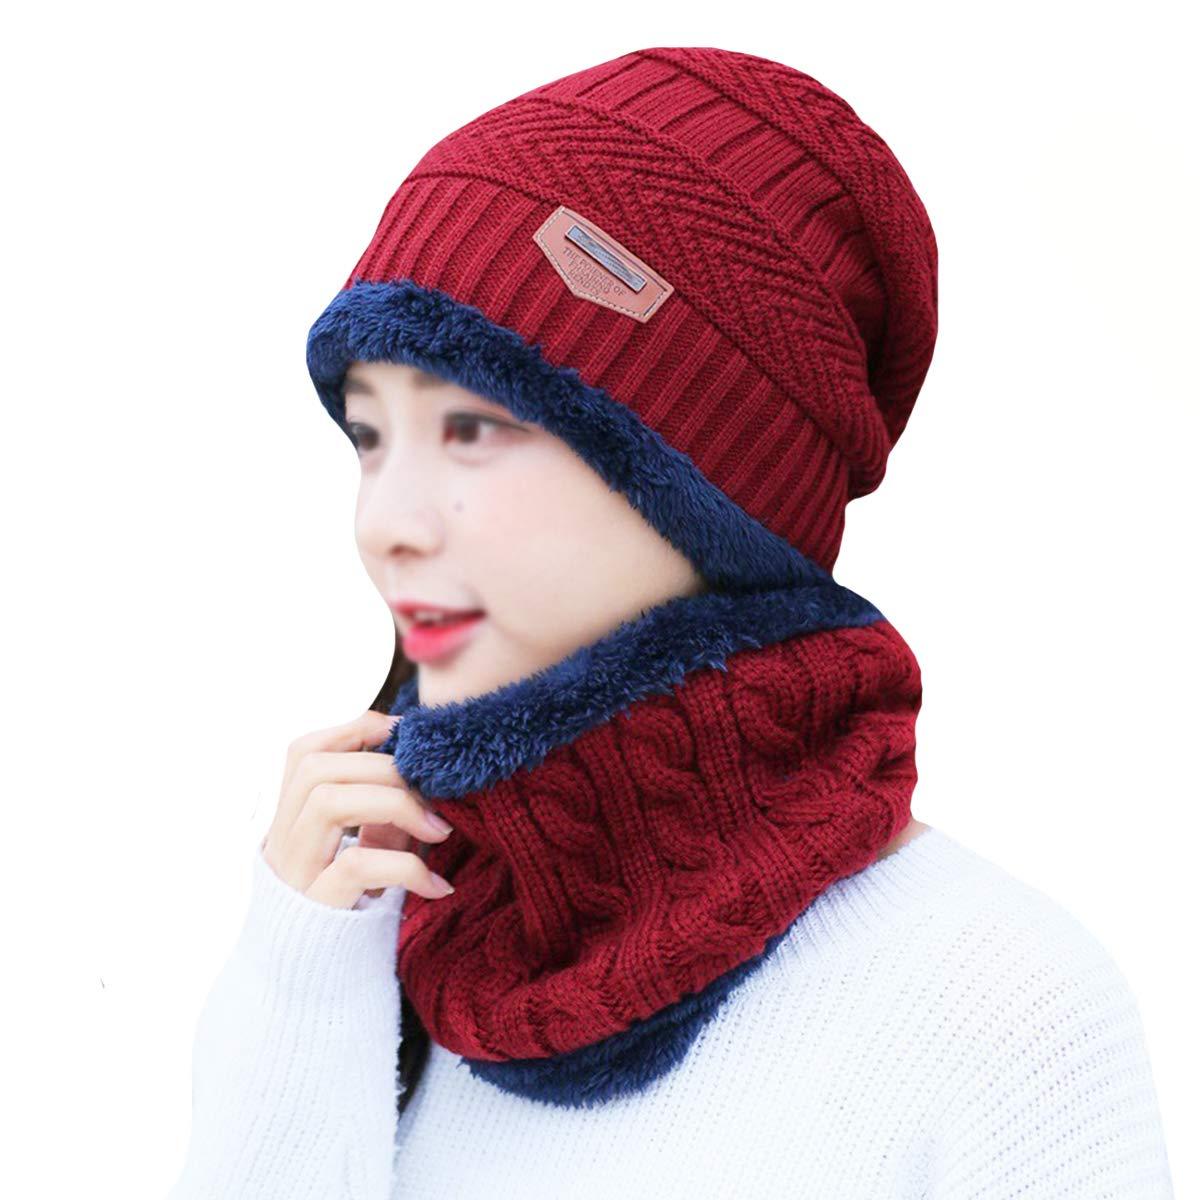 LA HAUTE - Ensemble bonnet, écharpe et gants - Femme meilleur cadeau ... 292629f25fa